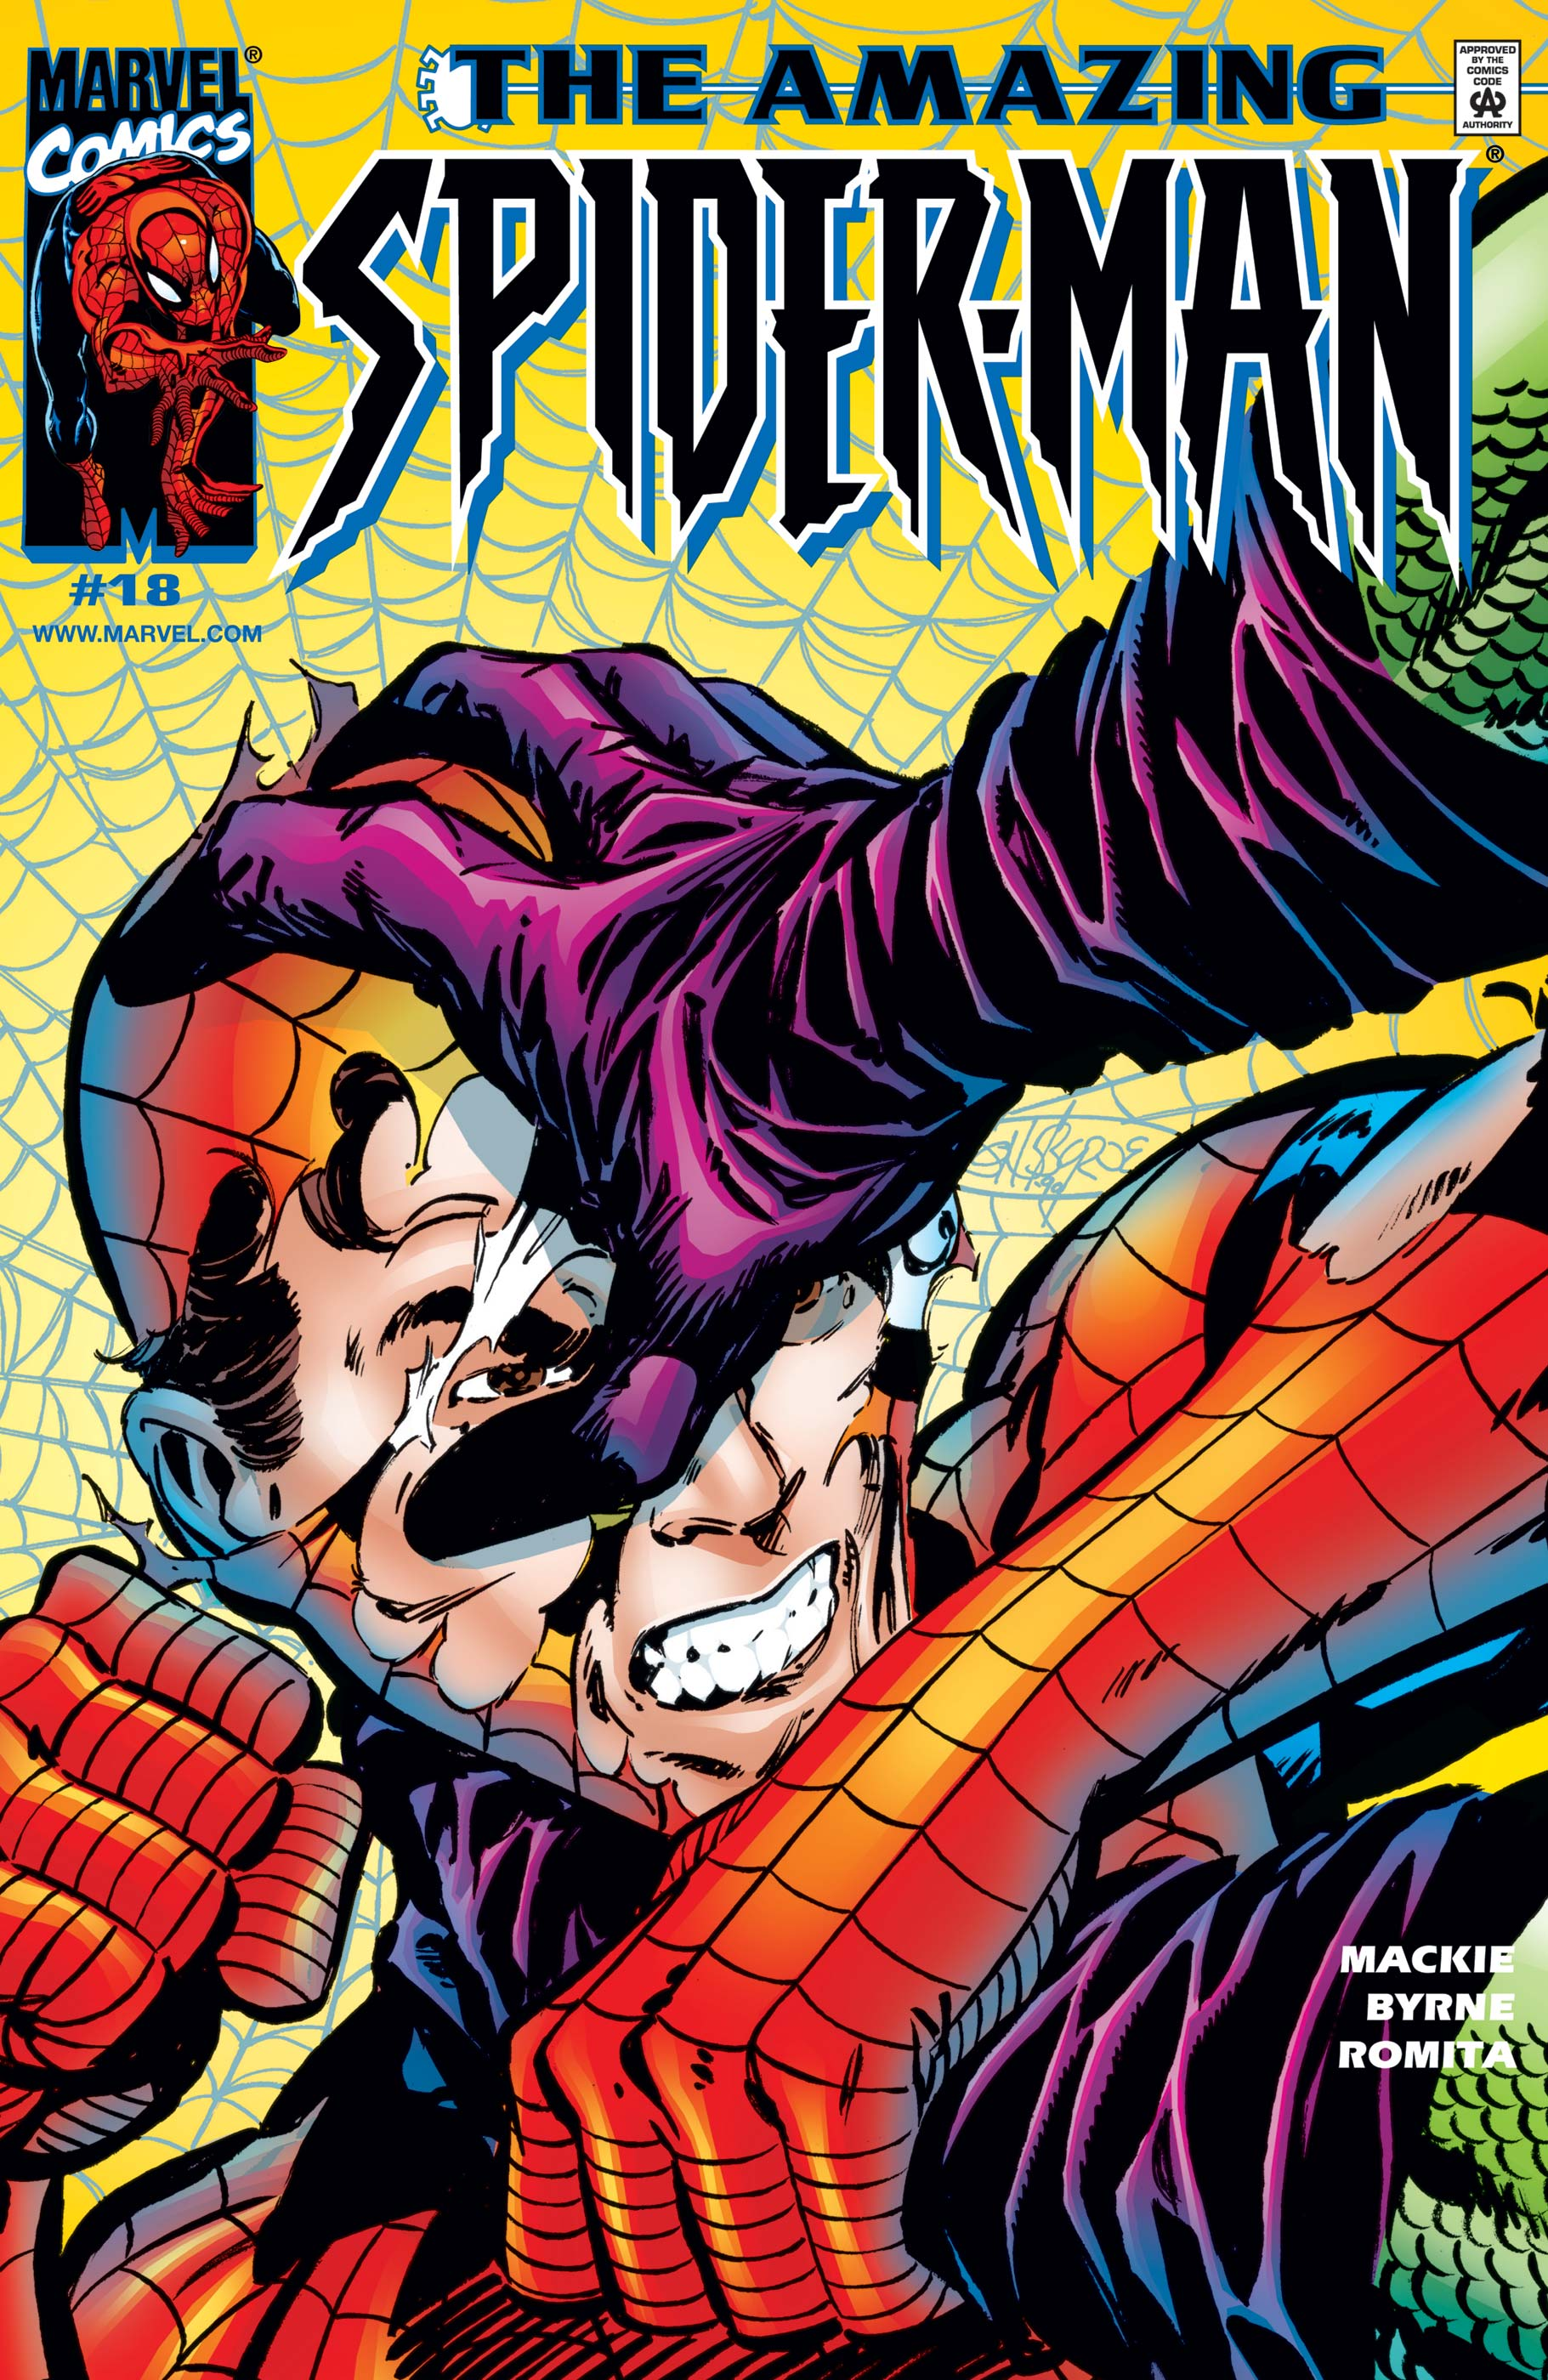 Amazing Spider-Man (1999) #18